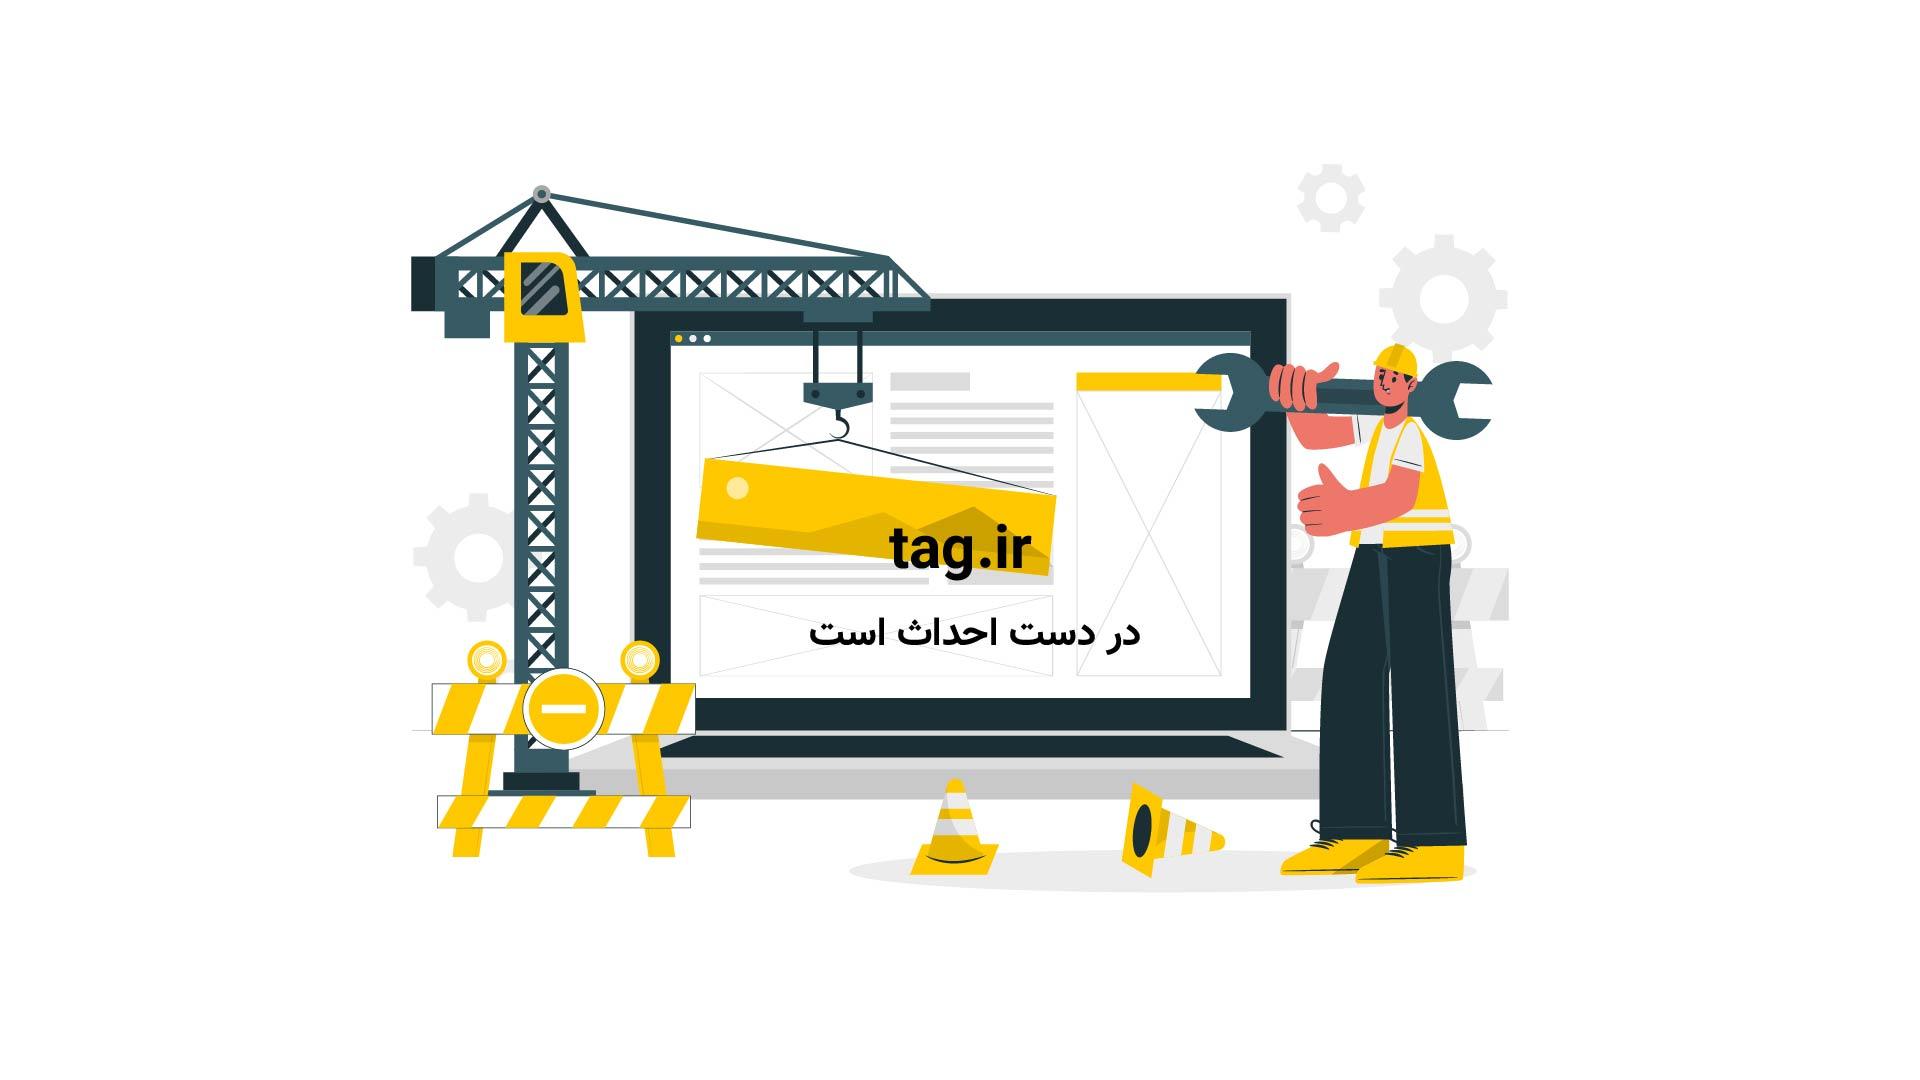 هواپیمای خورشیدی بر فراز اهرام مصر